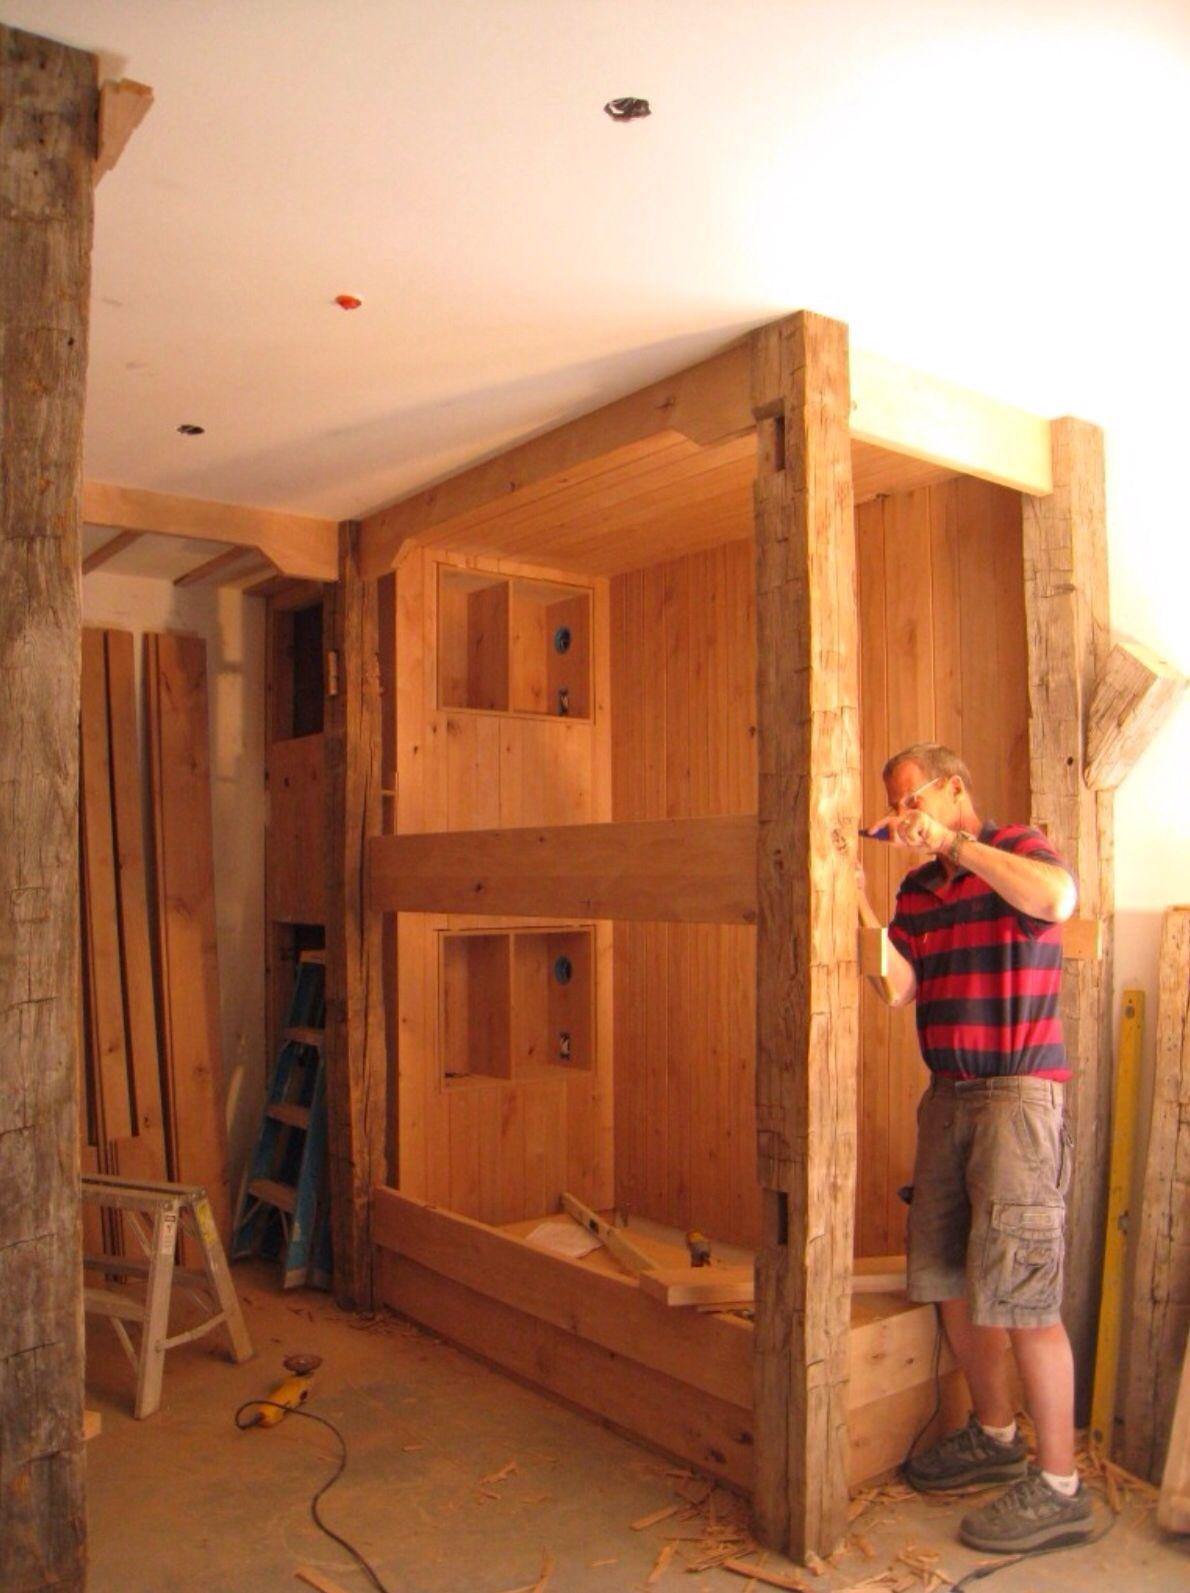 Rustic built-in bunks